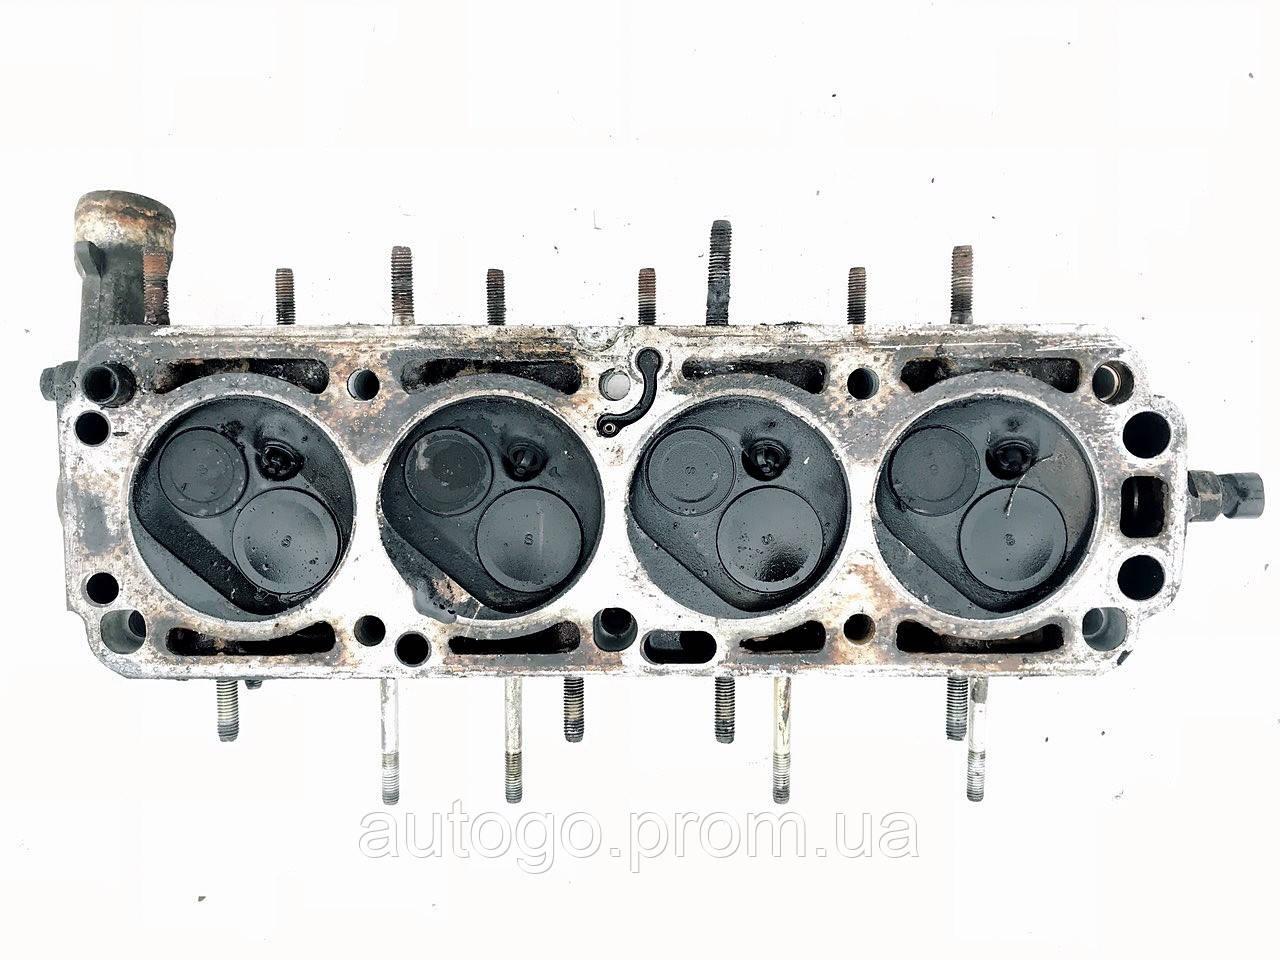 Головка блока цилиндров ГБЦ Daewoo Lanos Nexia 1.5 A15SMS 96143557, фото 1